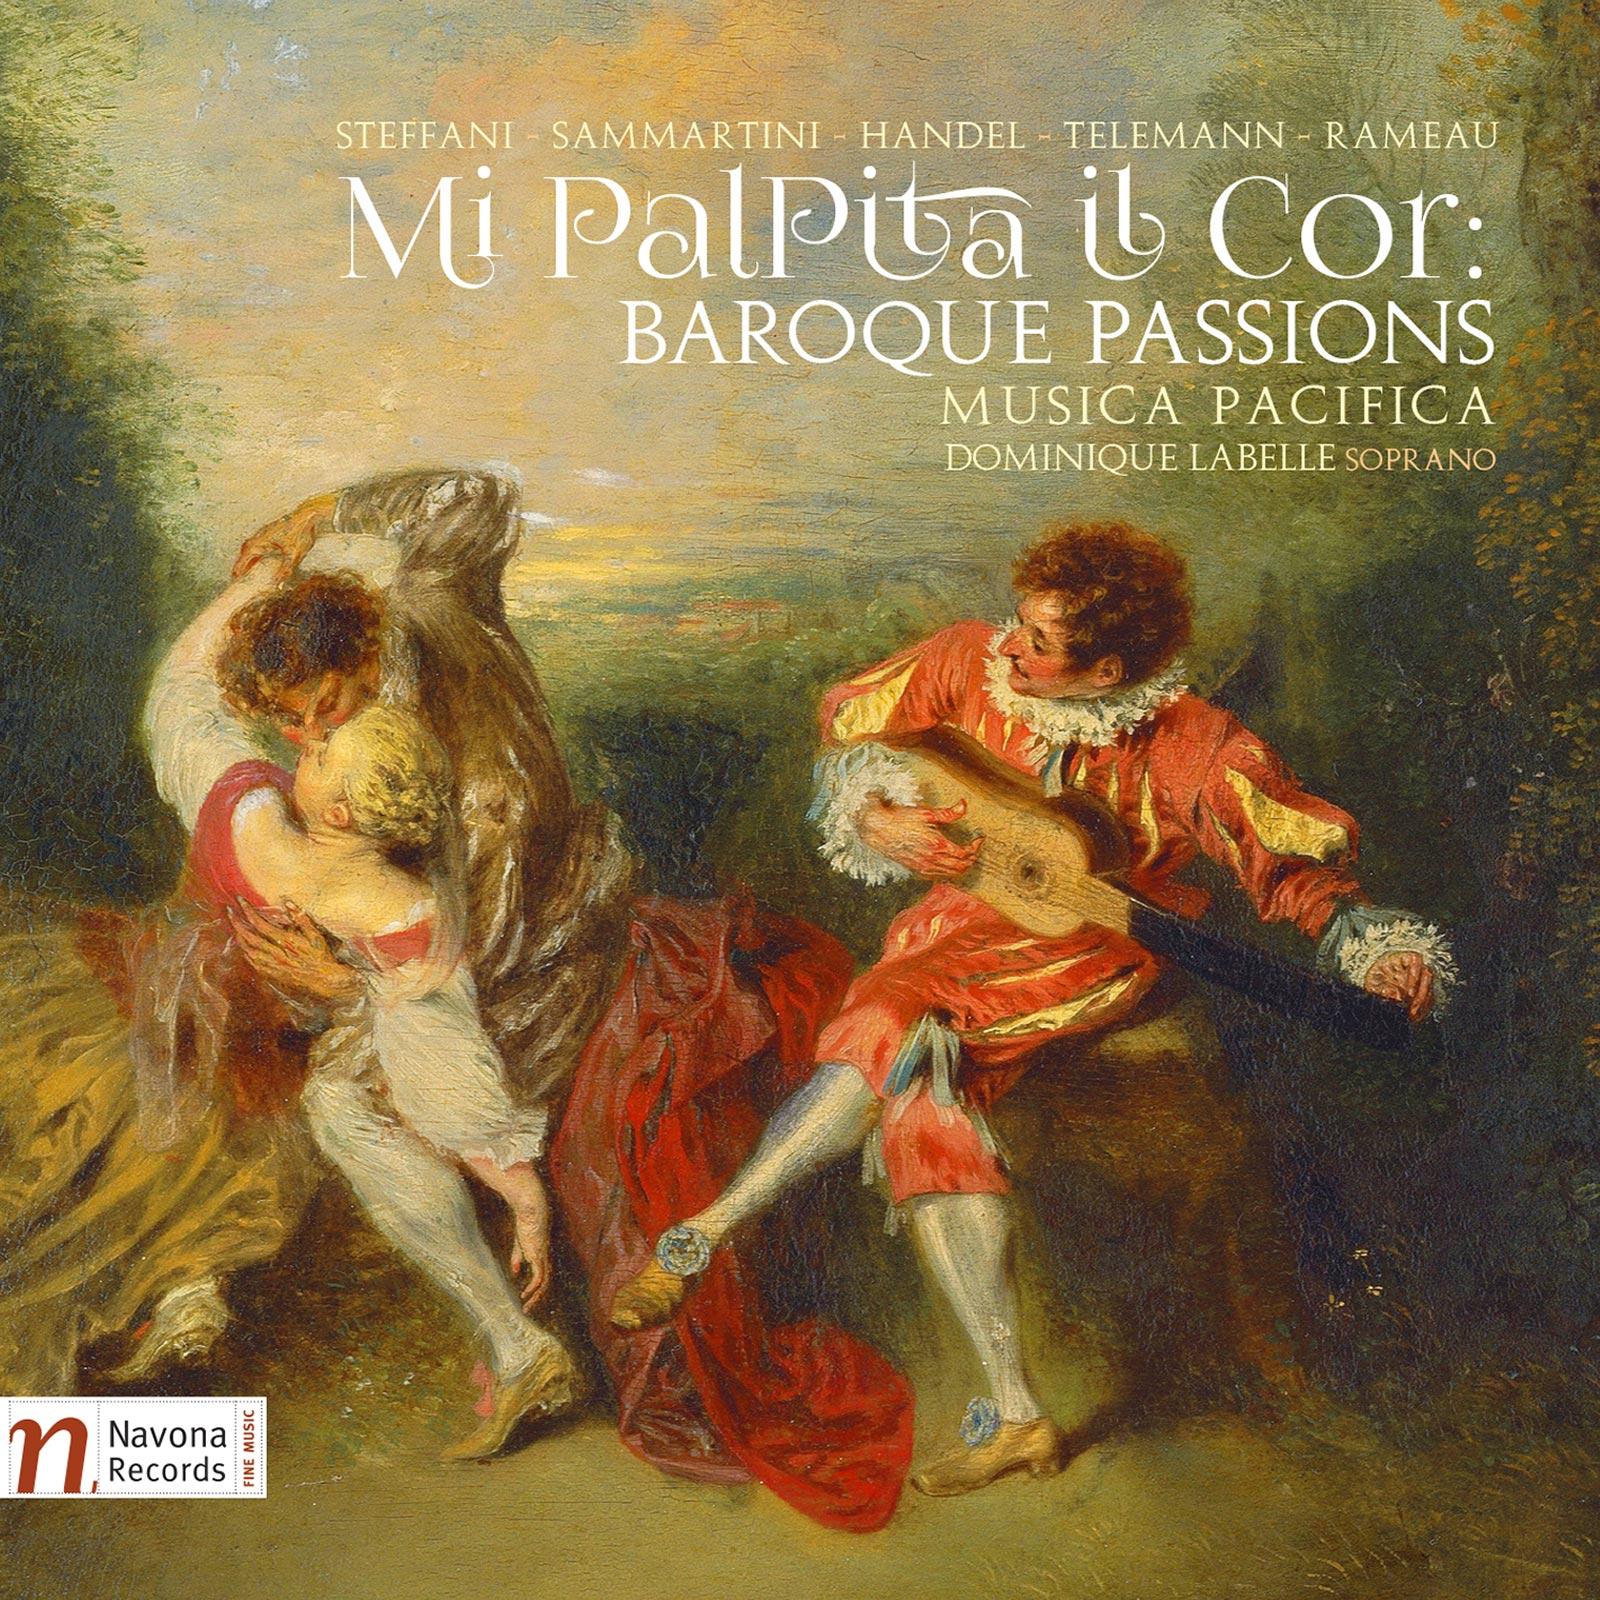 MI PALPITA IL COR: BAROQUE PASSIONS